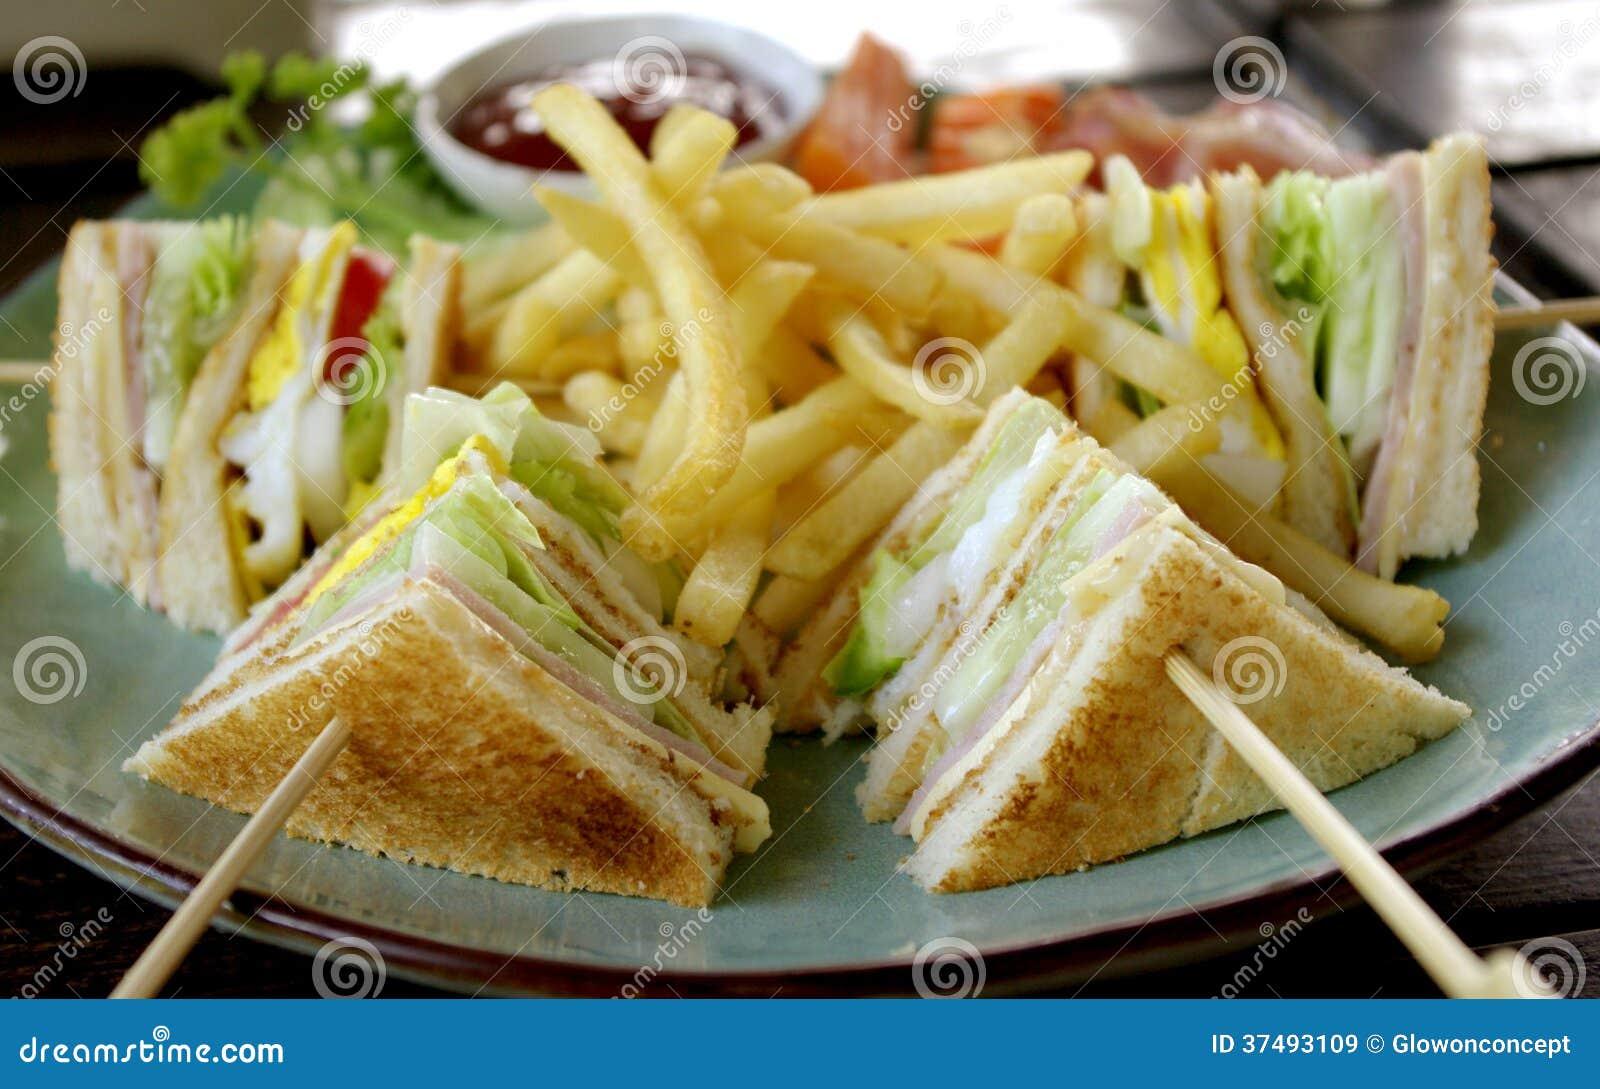 Club sandwich for breakfast